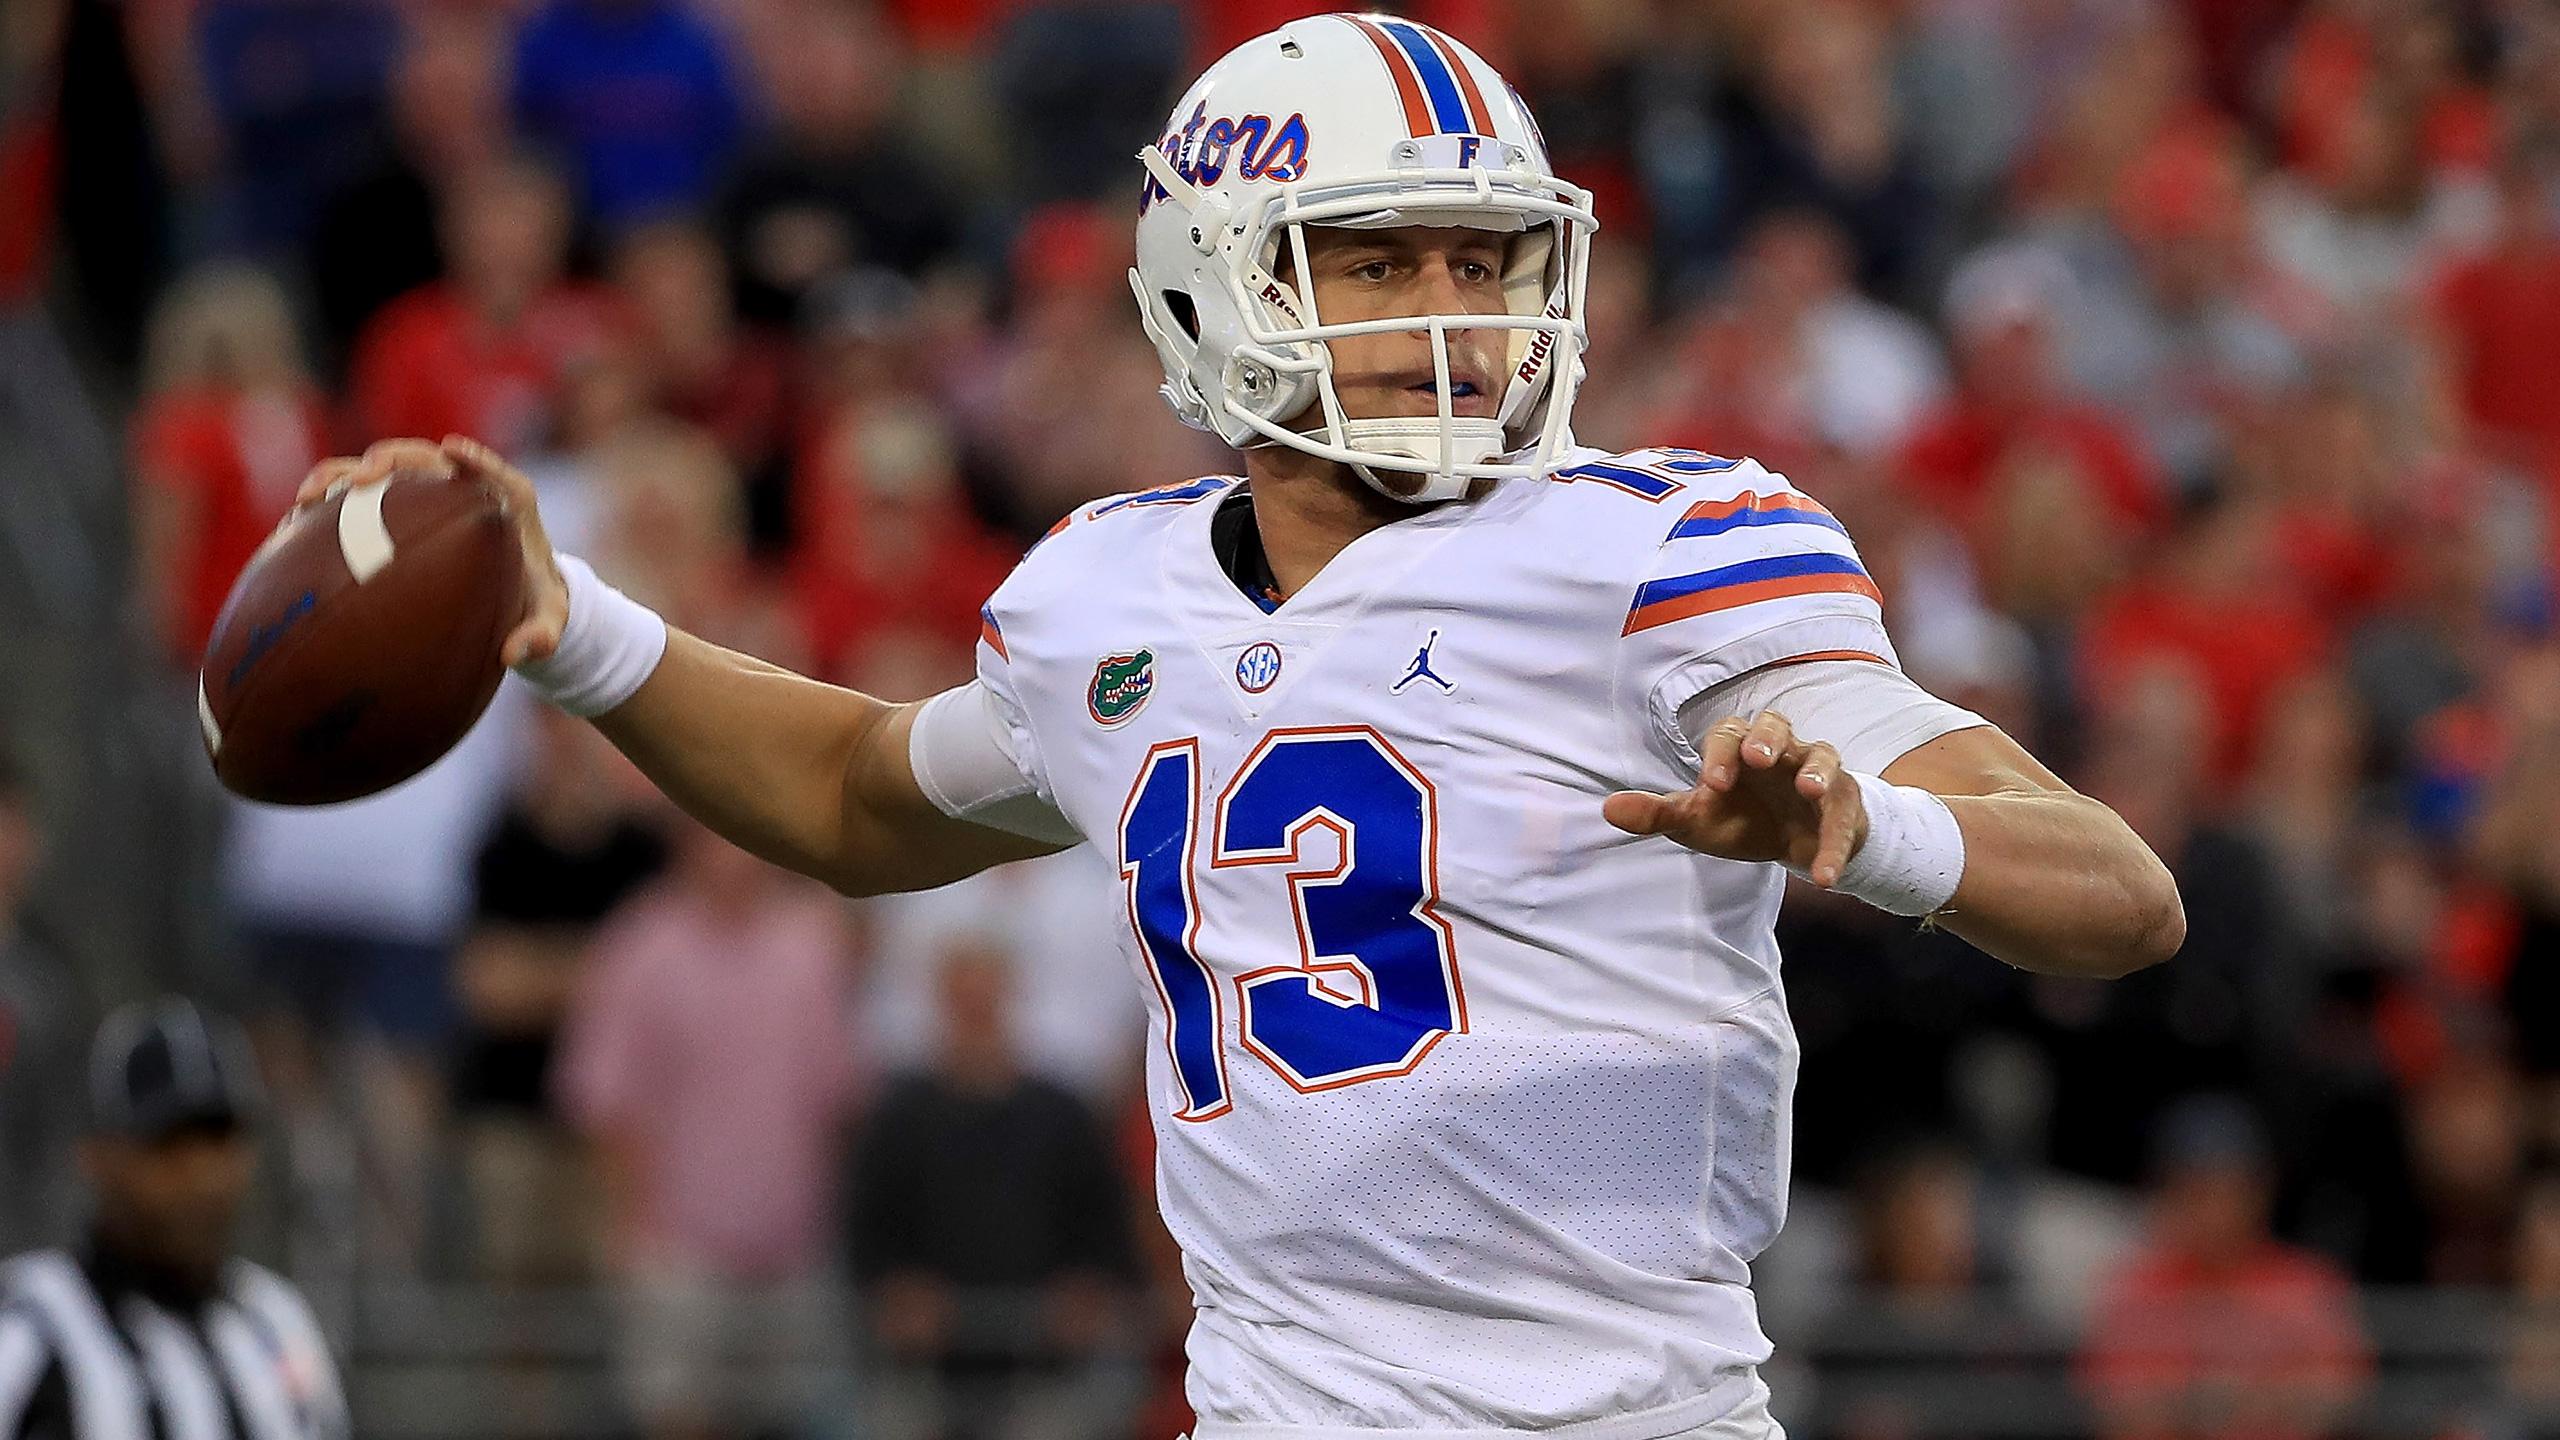 Missouri vs. #11 Florida (Football)